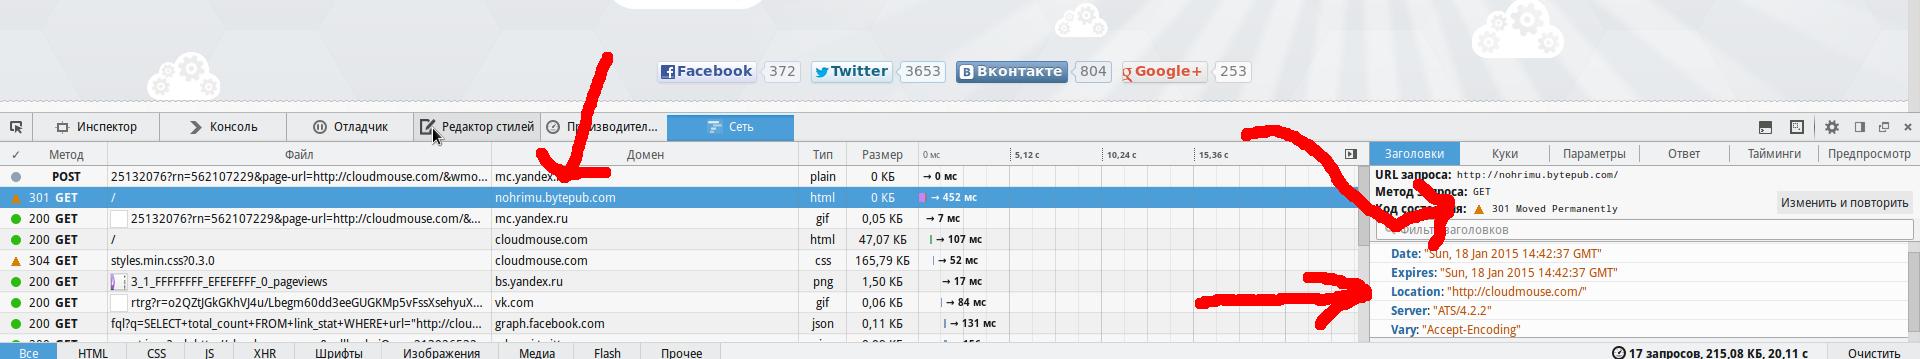 2-18.01.01-kolesnikov.pw463.png